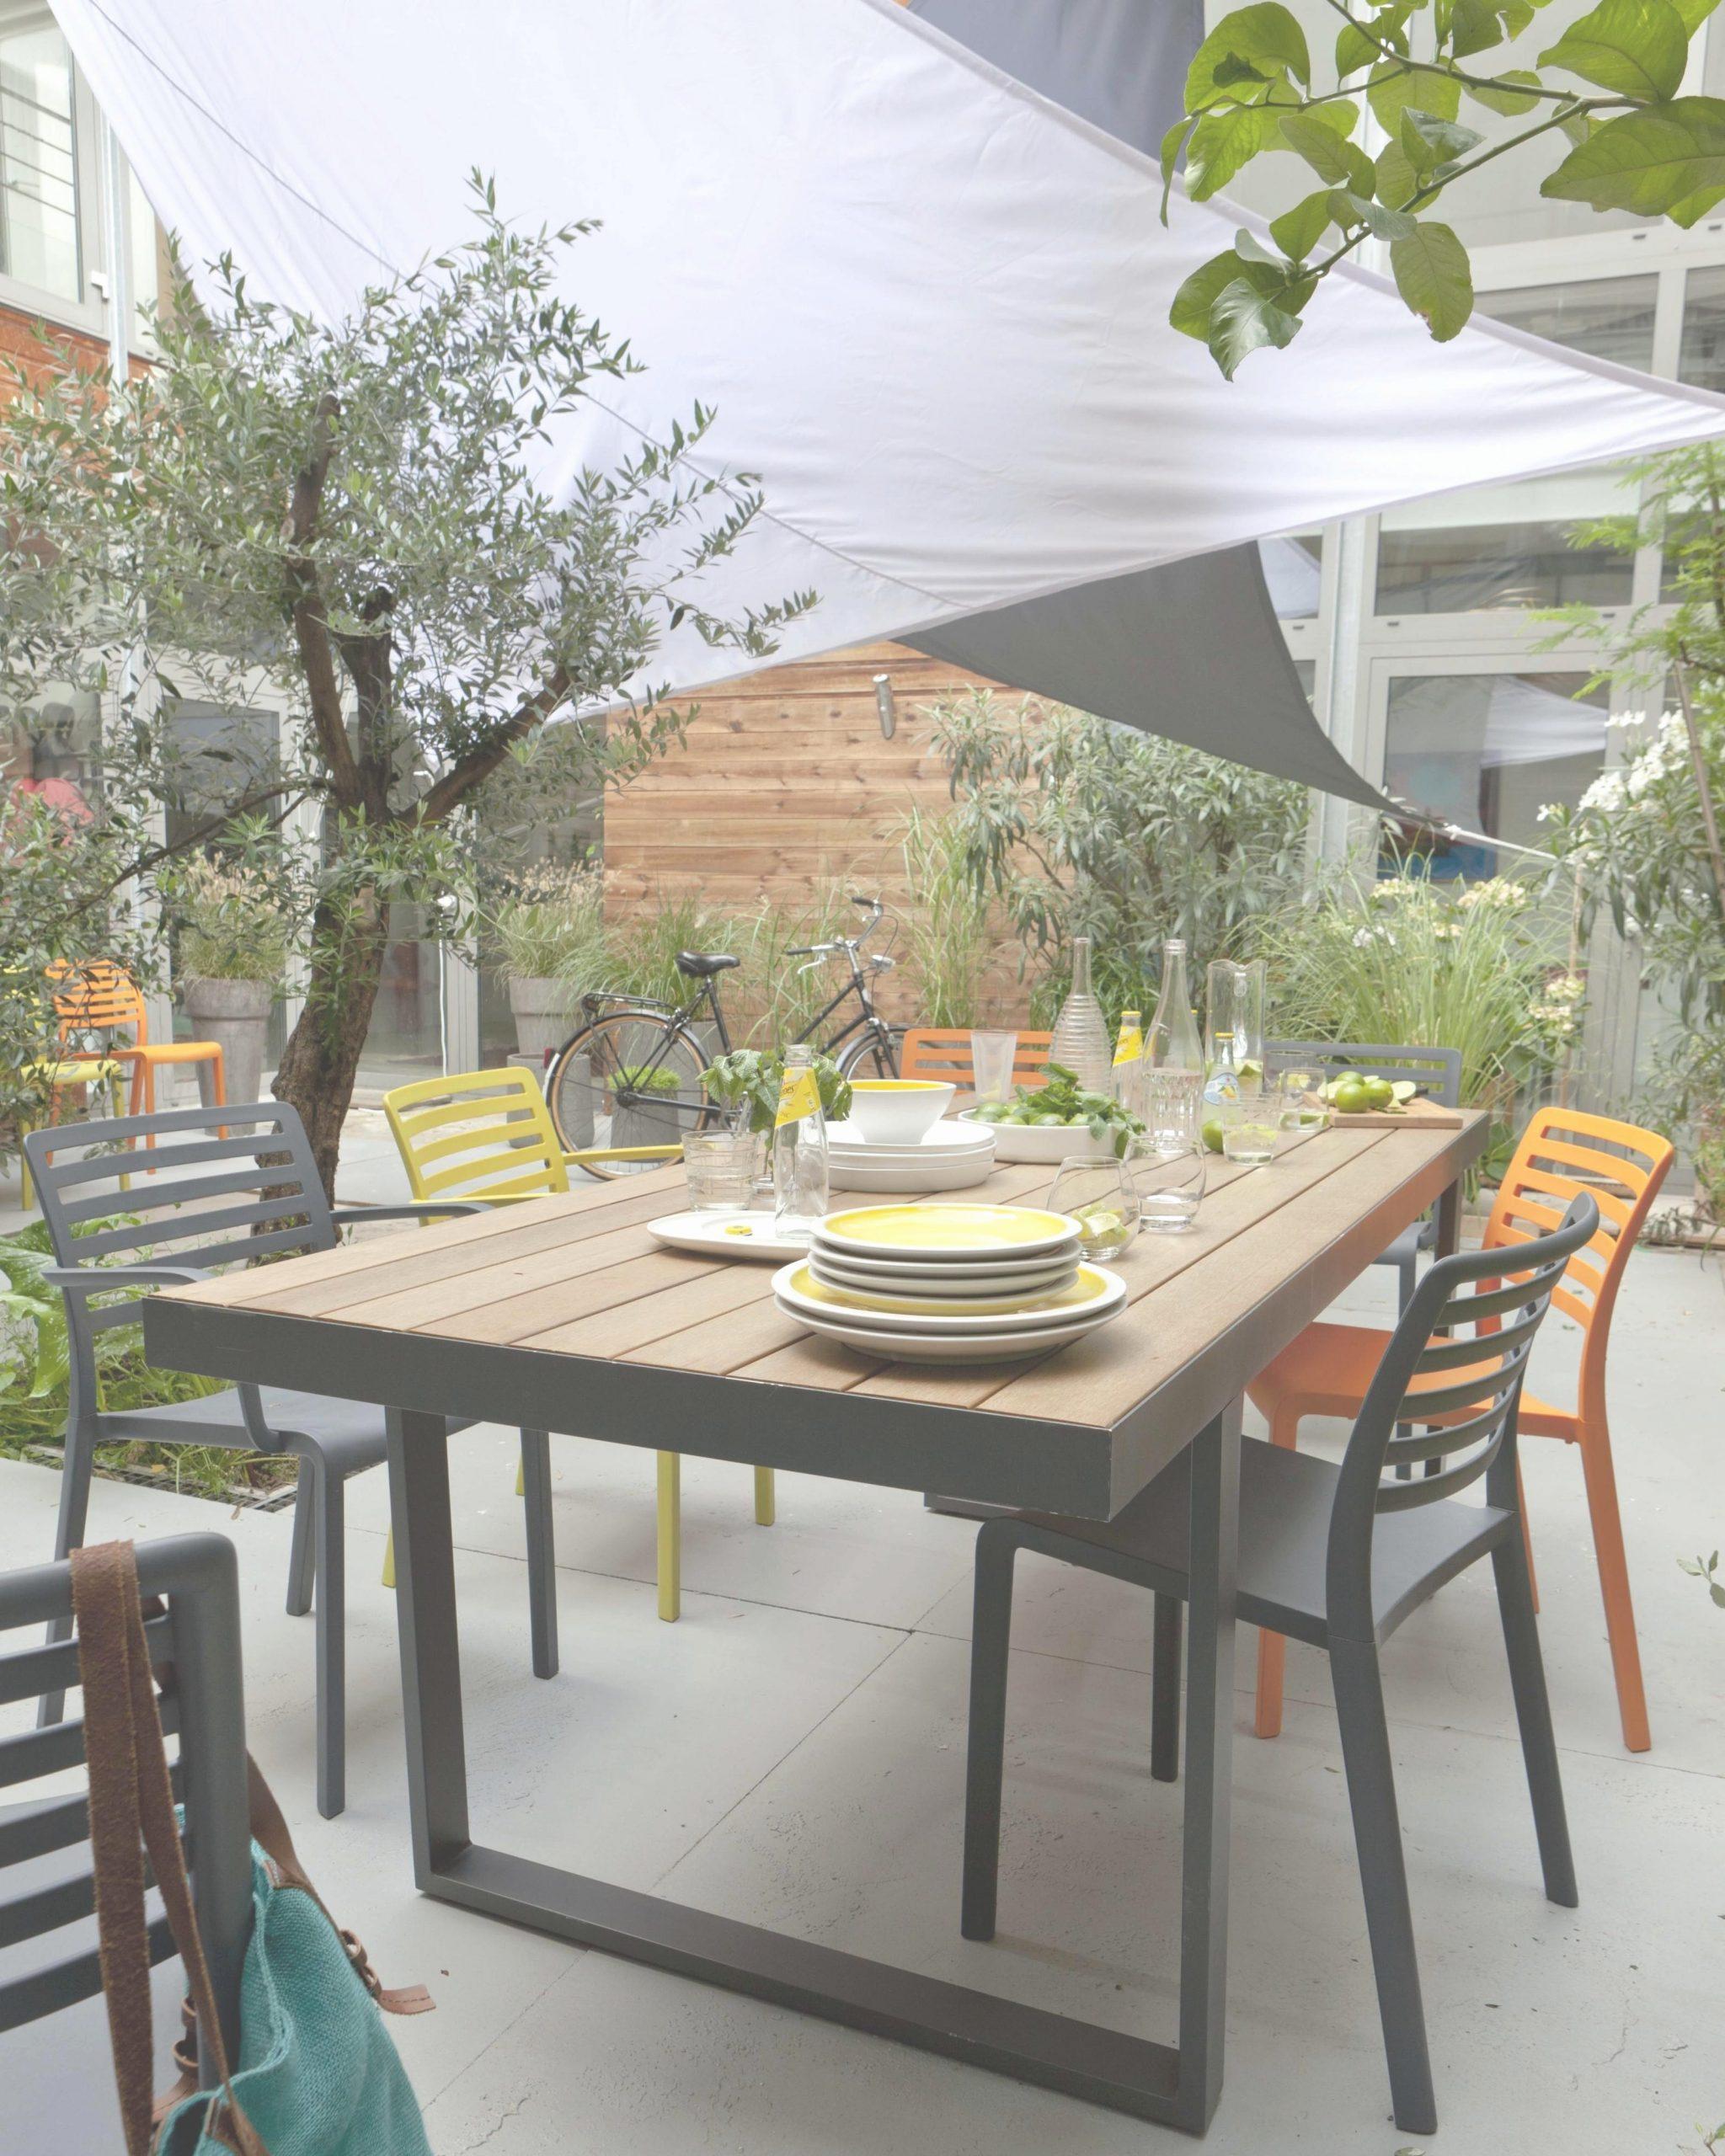 Chaise Jardin Castorama Verossafo Salon De Carrefour ... concernant Artelia Salon De Jardin